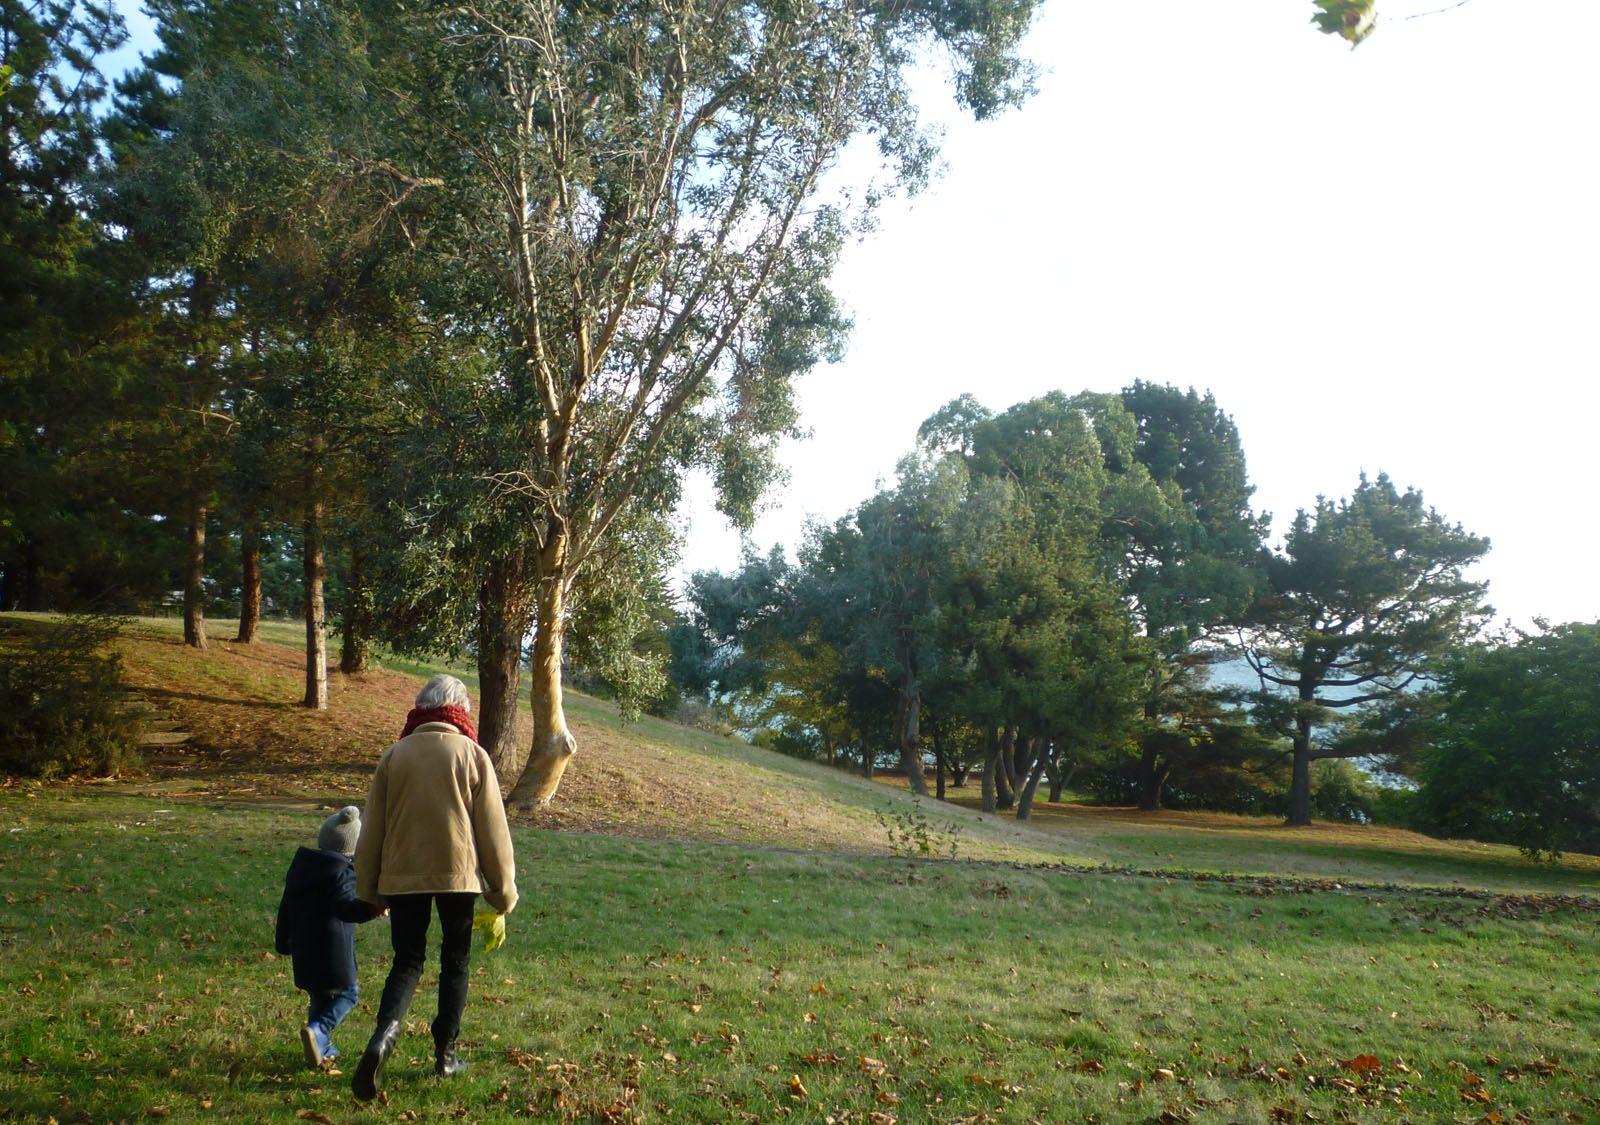 En ballade au parc départemental de Port-Es-Leu